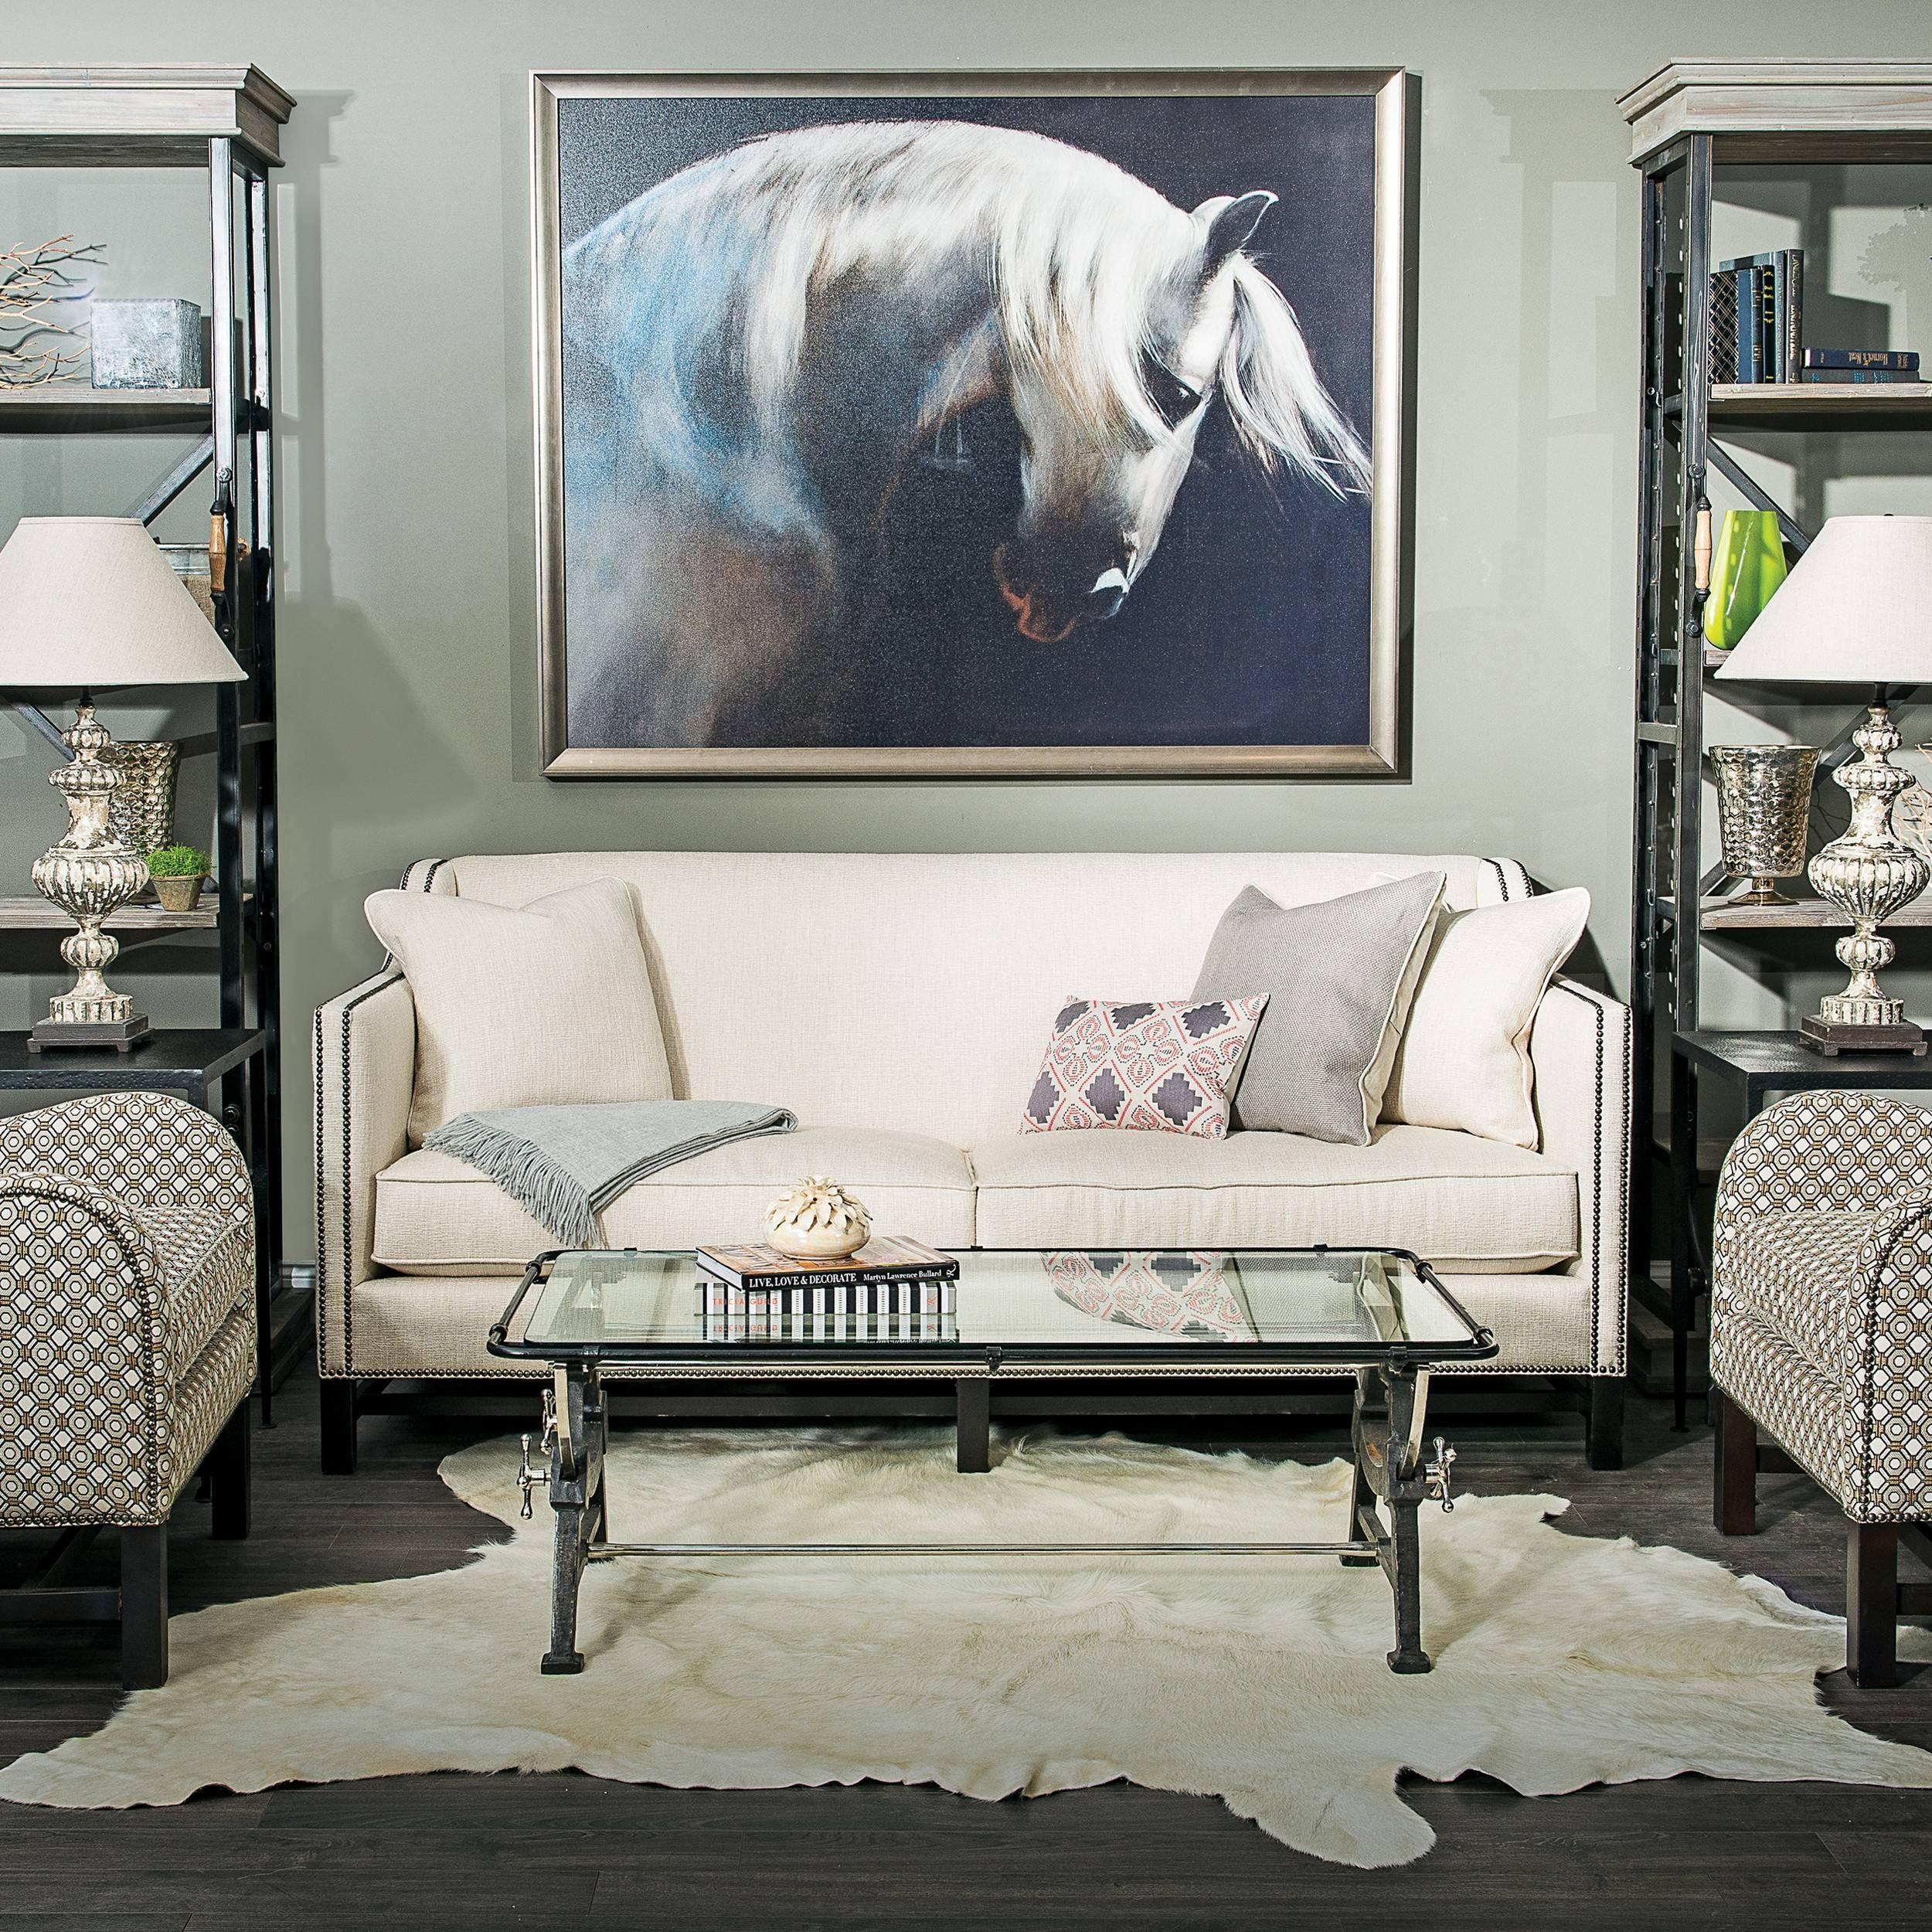 Chatham Sofa, Cream - Fabric - Sofas - Furniture regarding Fabric Sofas (Image 4 of 30)